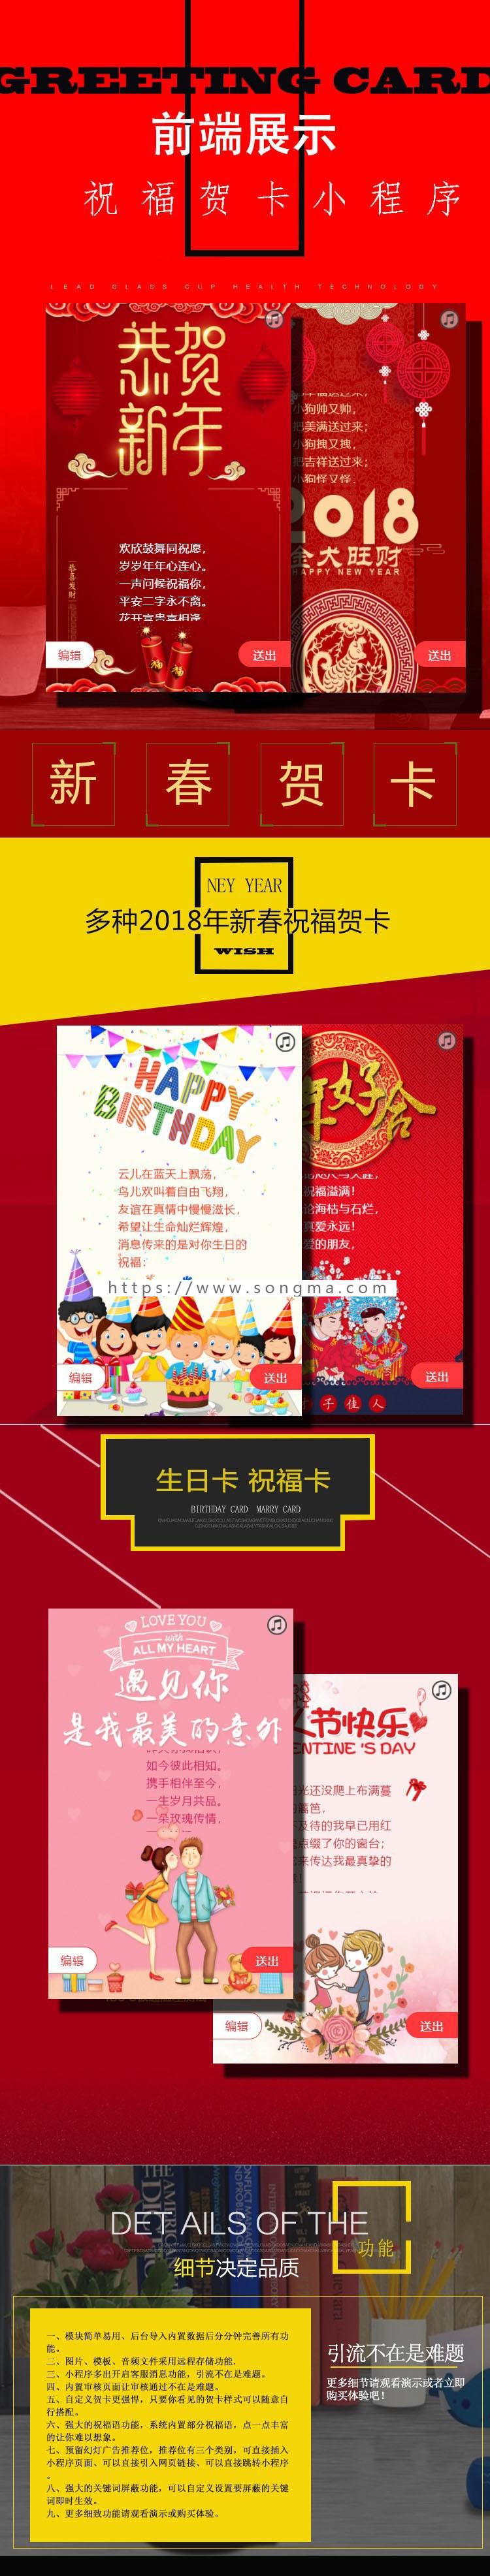 节日贺卡小程序 祝福贺卡小程序源码 V4.6.4